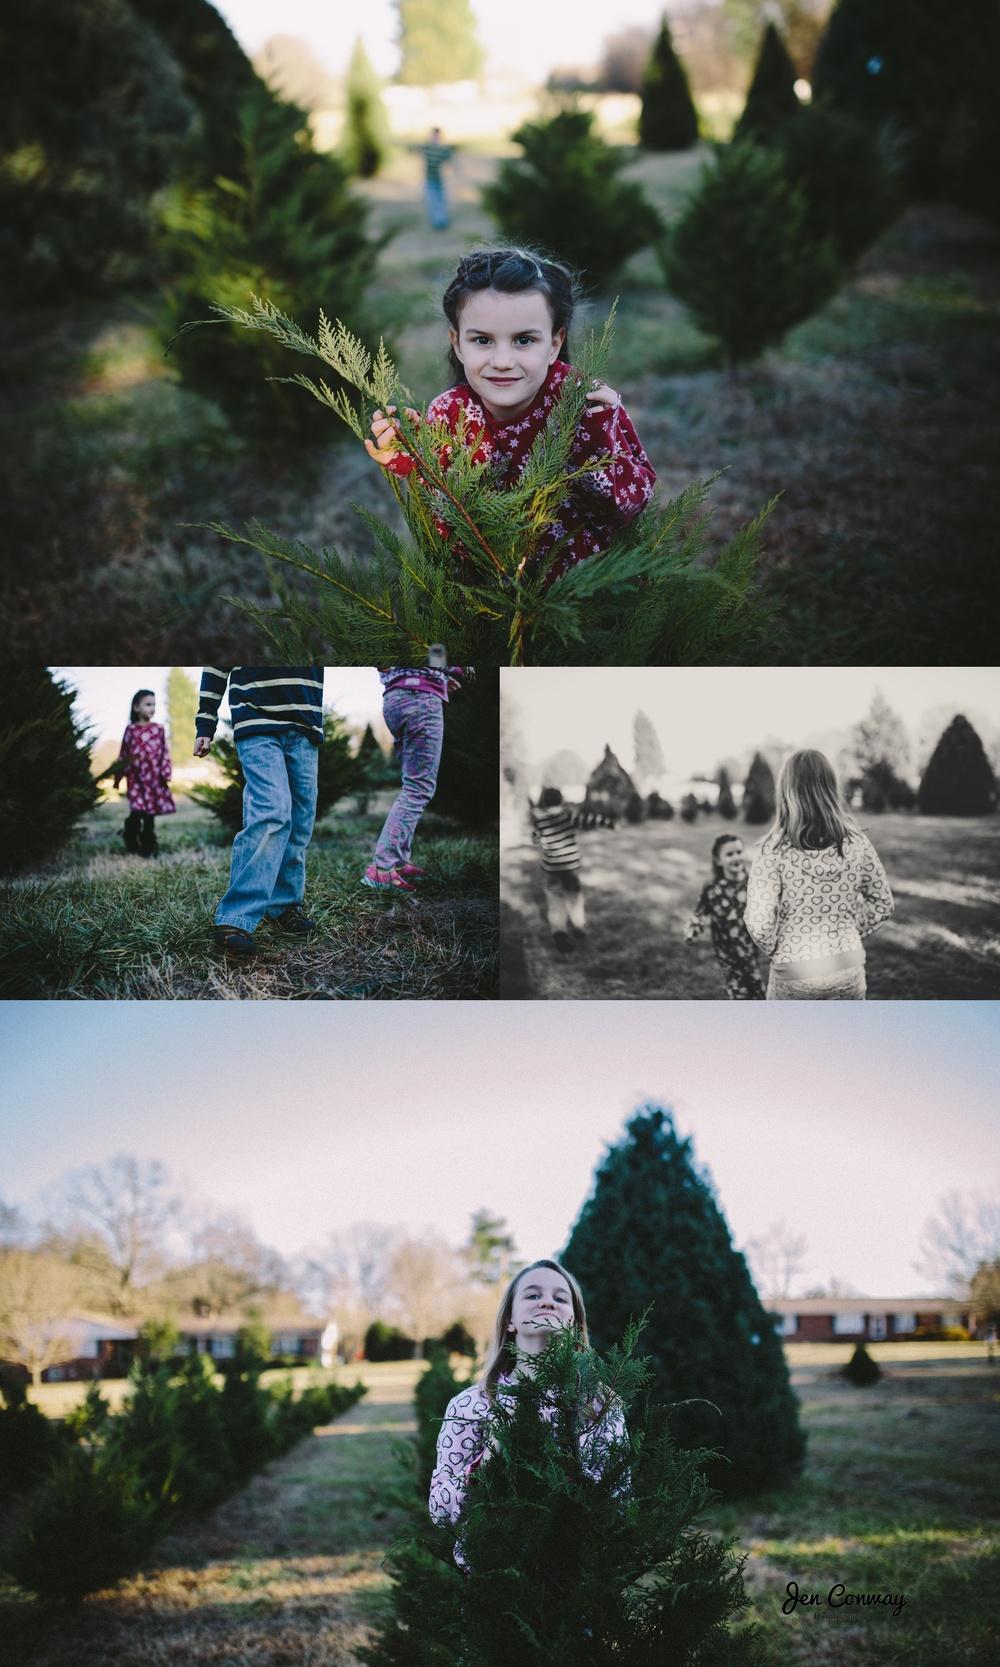 2014-12-16_0003.jpg